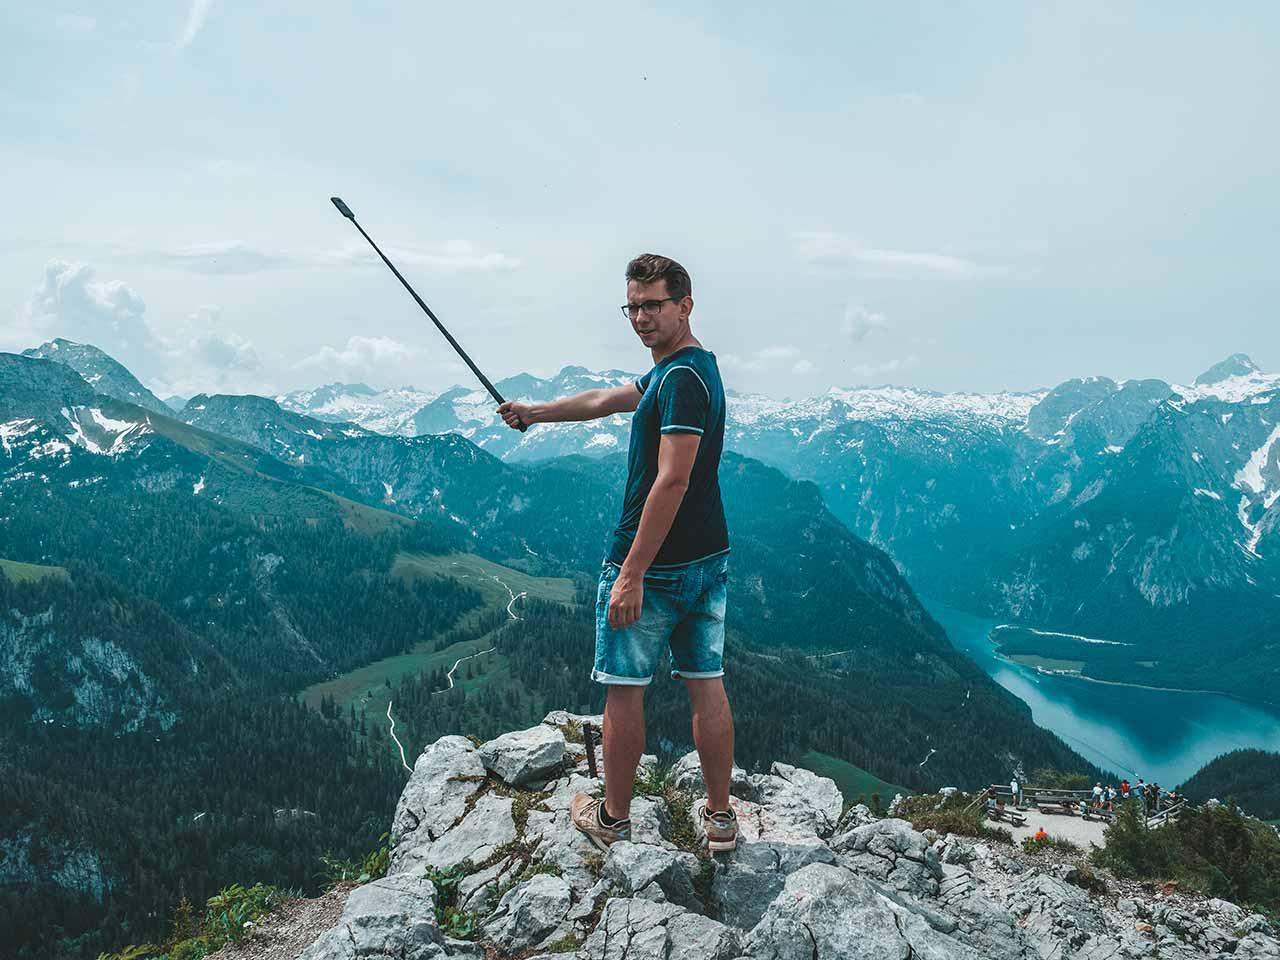 Jenner Gipfel mit Aussicht auf den Königssee - Valentin mit 360 Grad Kamera